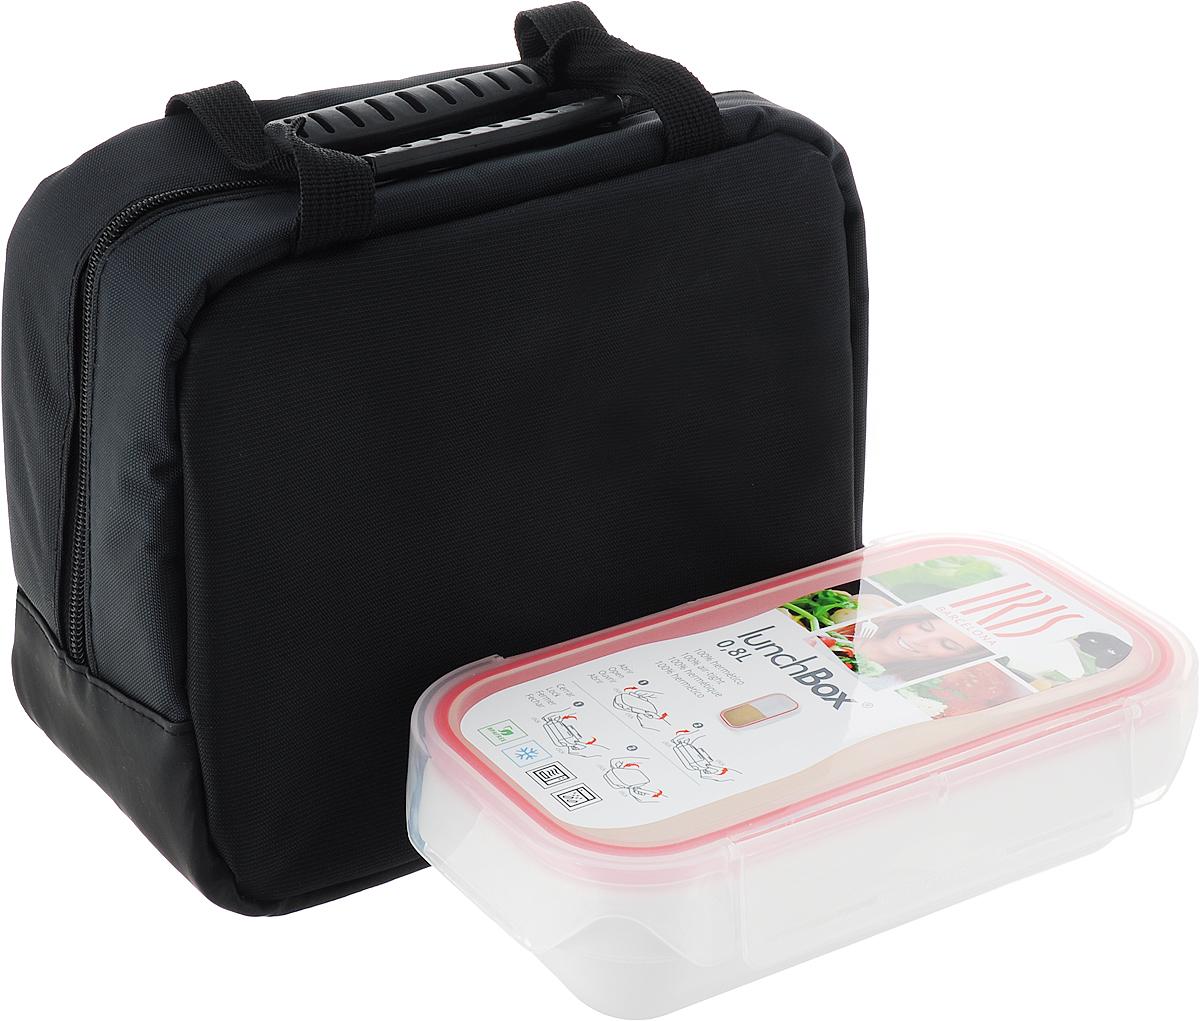 Термо ланч-бокс Iris Iris STUDIO BAG + контейнер 0,8л, цвет: черный термо ланч бокс iris classic pocket mylunchbag без контейнеров цвет черный